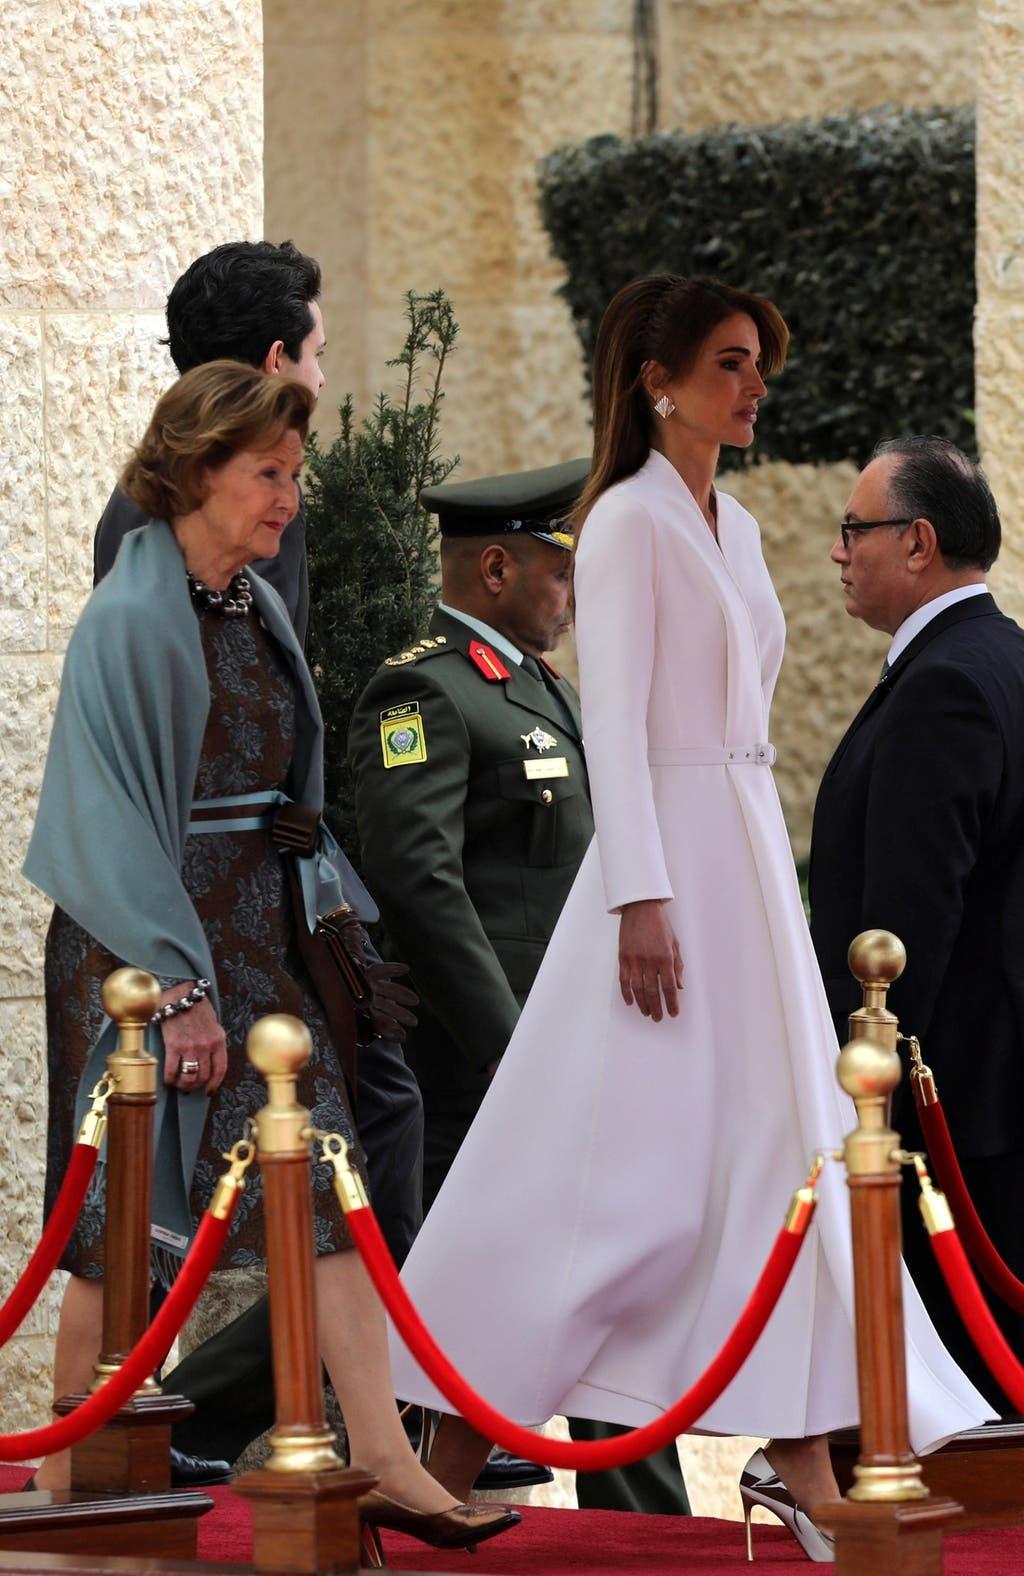 الملكة رانيا تستقبل صونيا ملكة النرويج